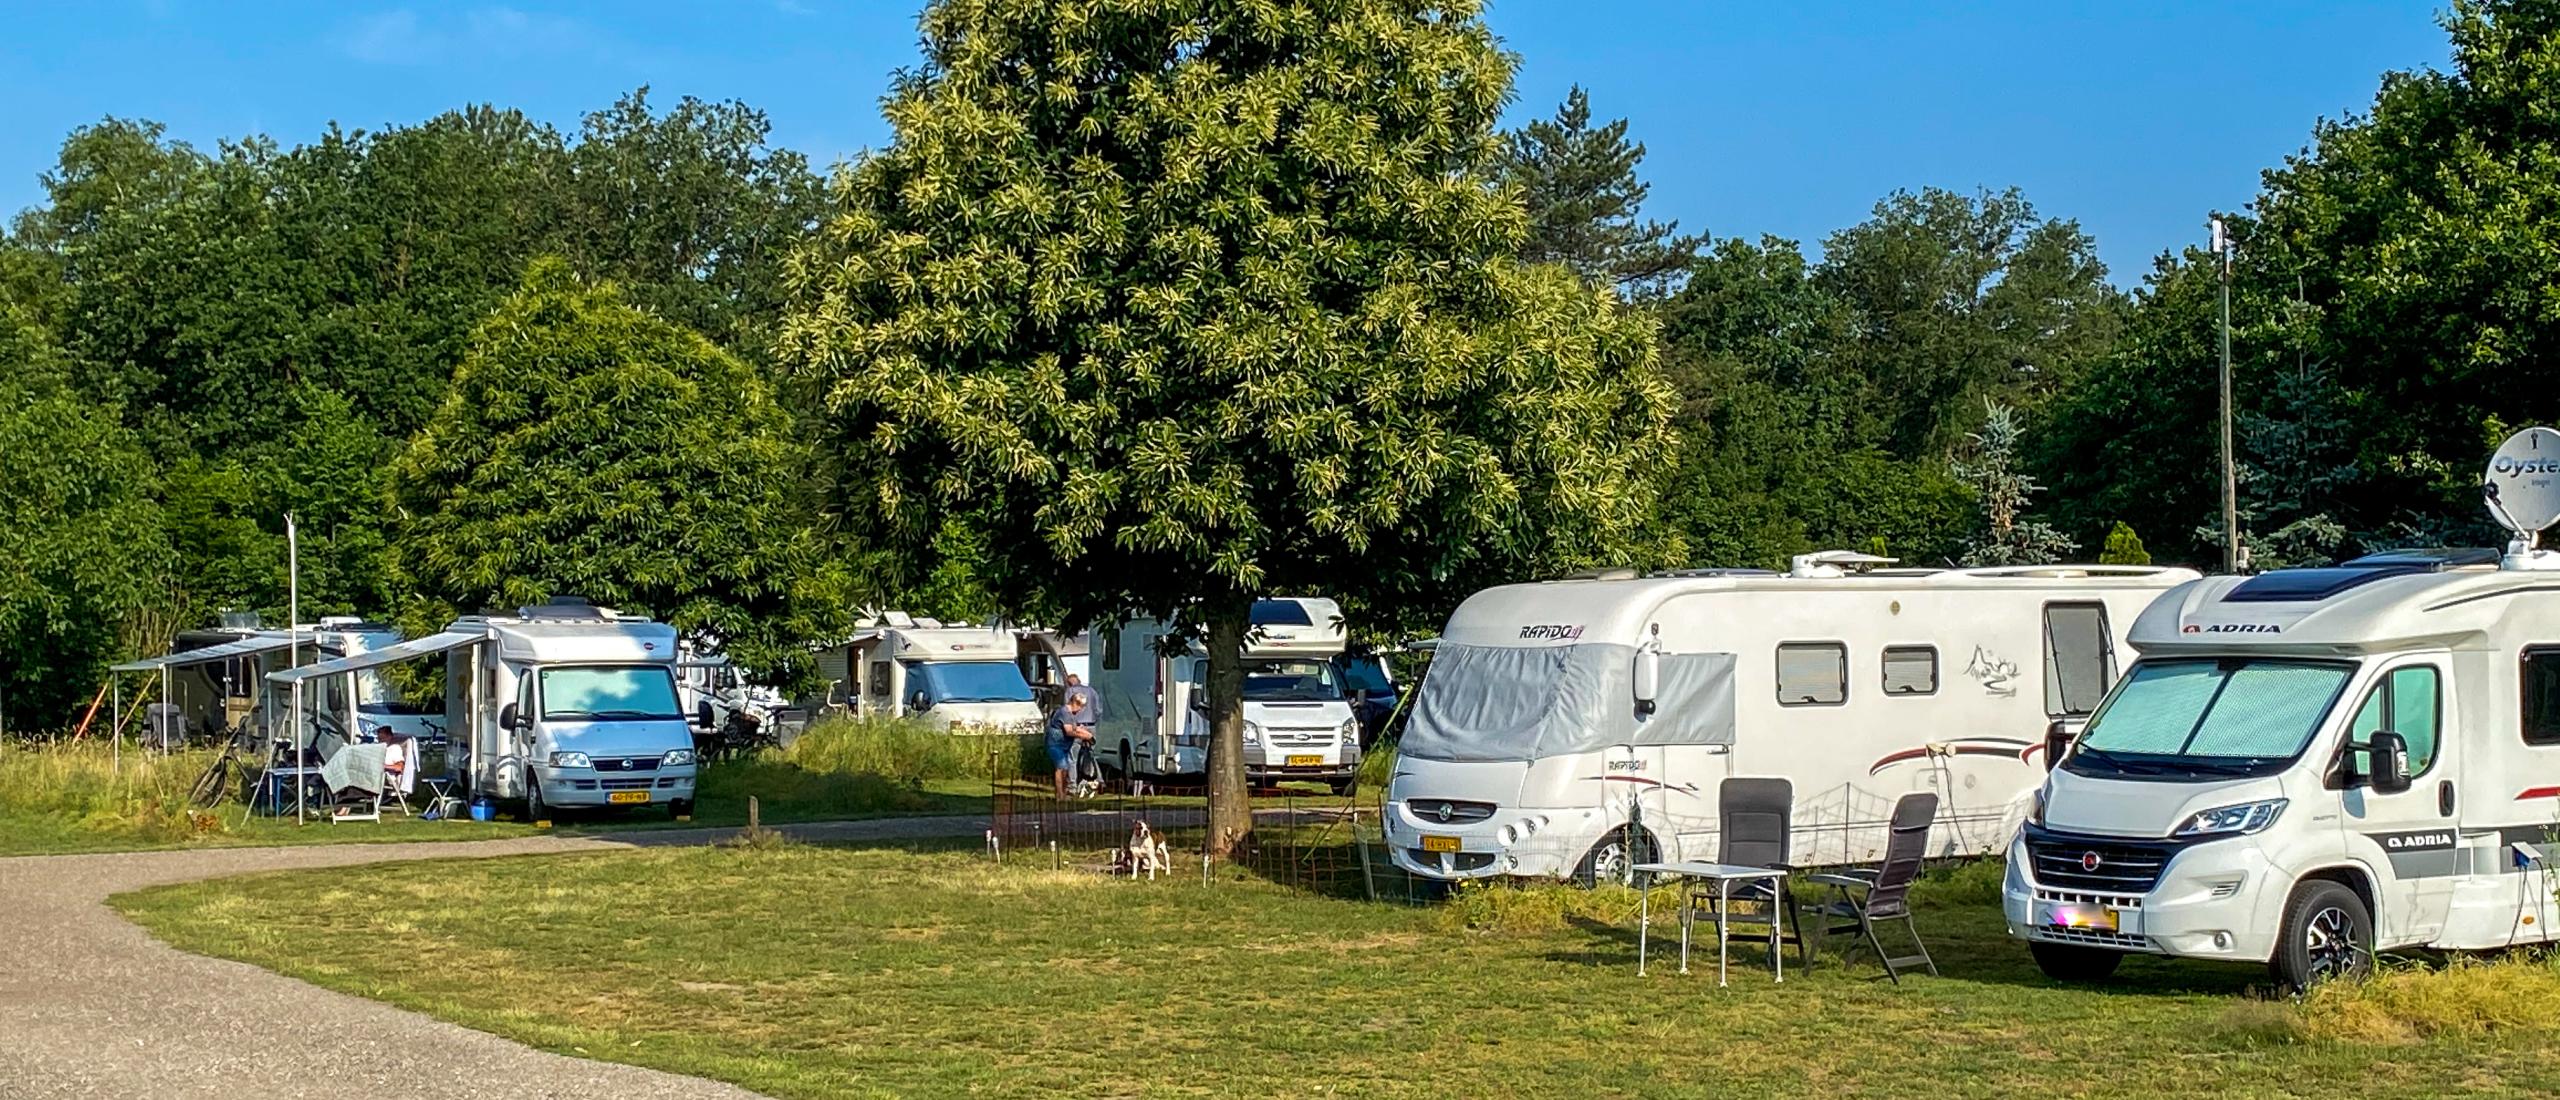 Camperplaats In de Verte: Onthaast, beleef en geniet!